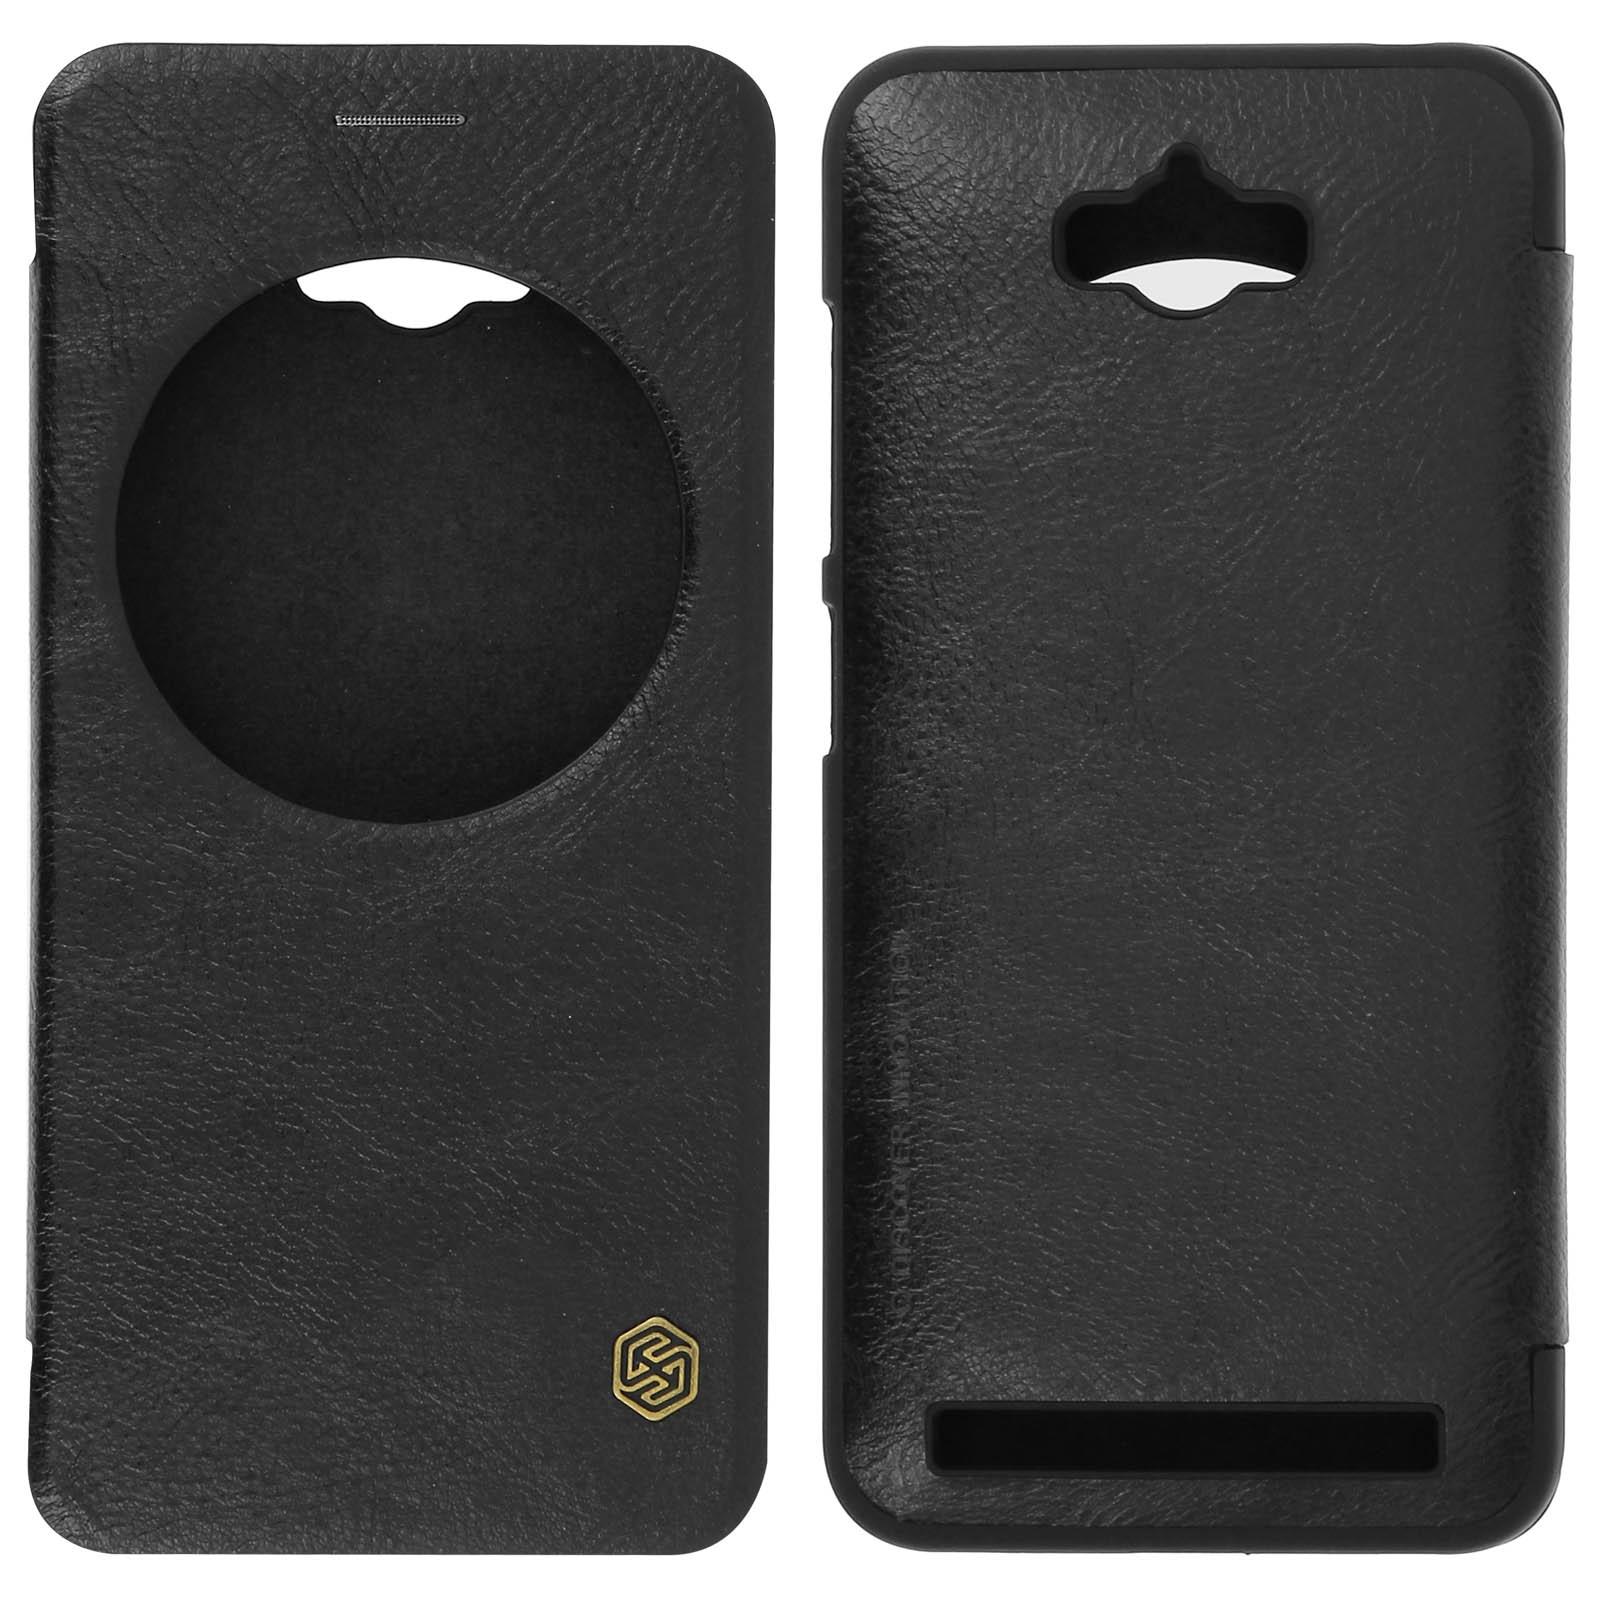 Nillkin Qin S-View flipové pouzdro ASUS Zenfone Max ZC550KL black